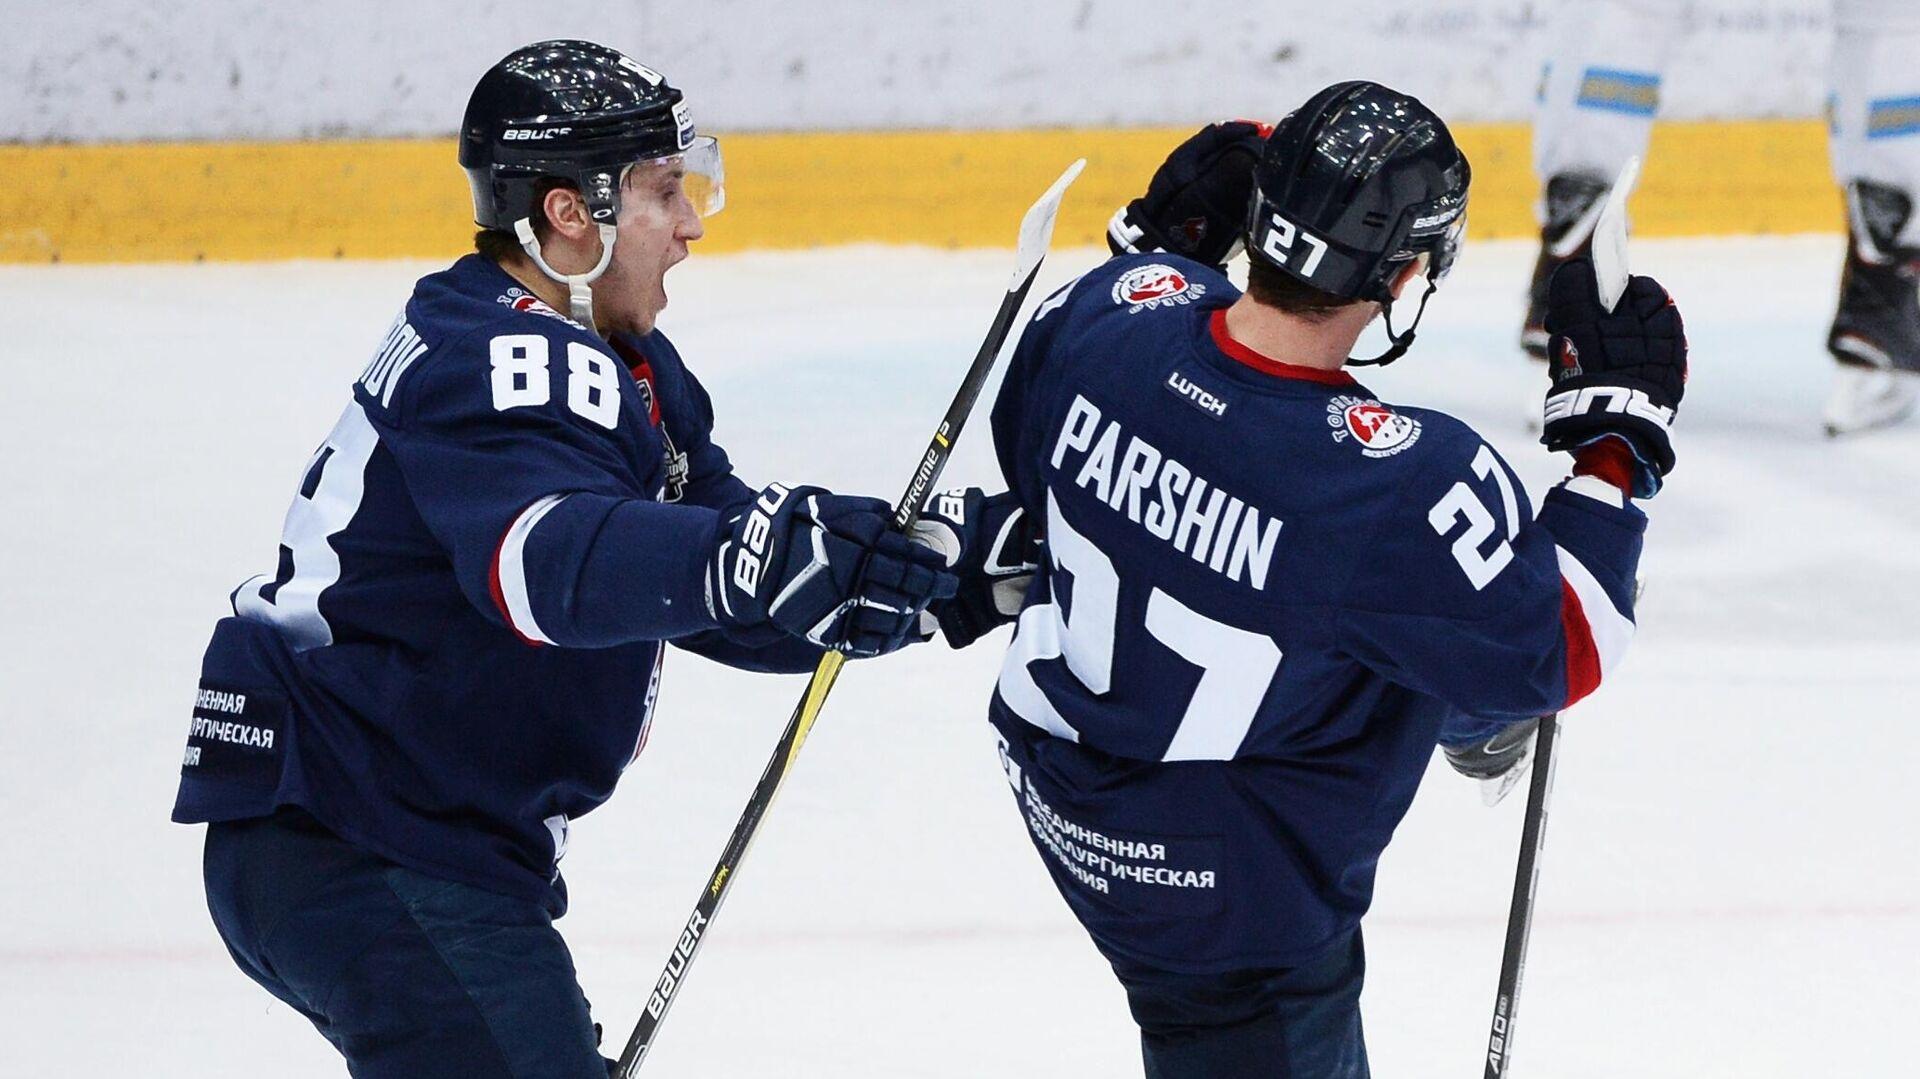 Игроки Торпедо Дамир Жафяров (слева) и Денис Парши - РИА Новости, 1920, 01.12.2020